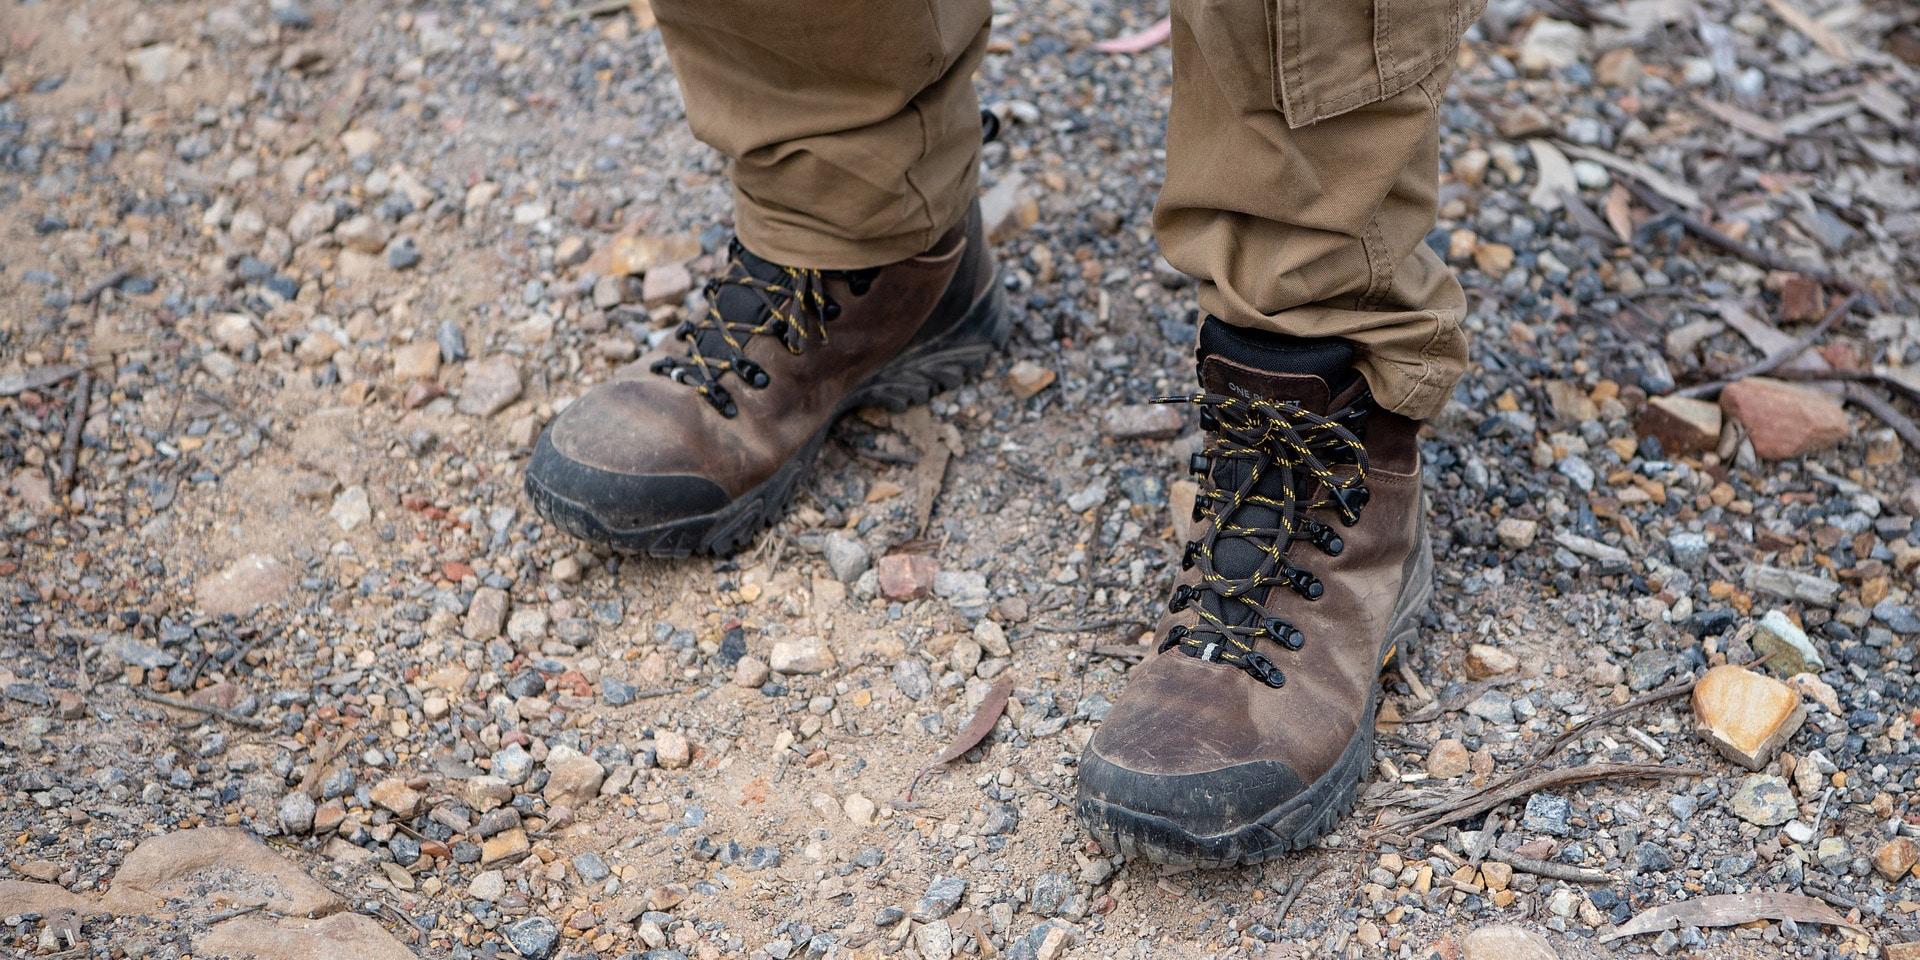 Обувь в походе — самое важное